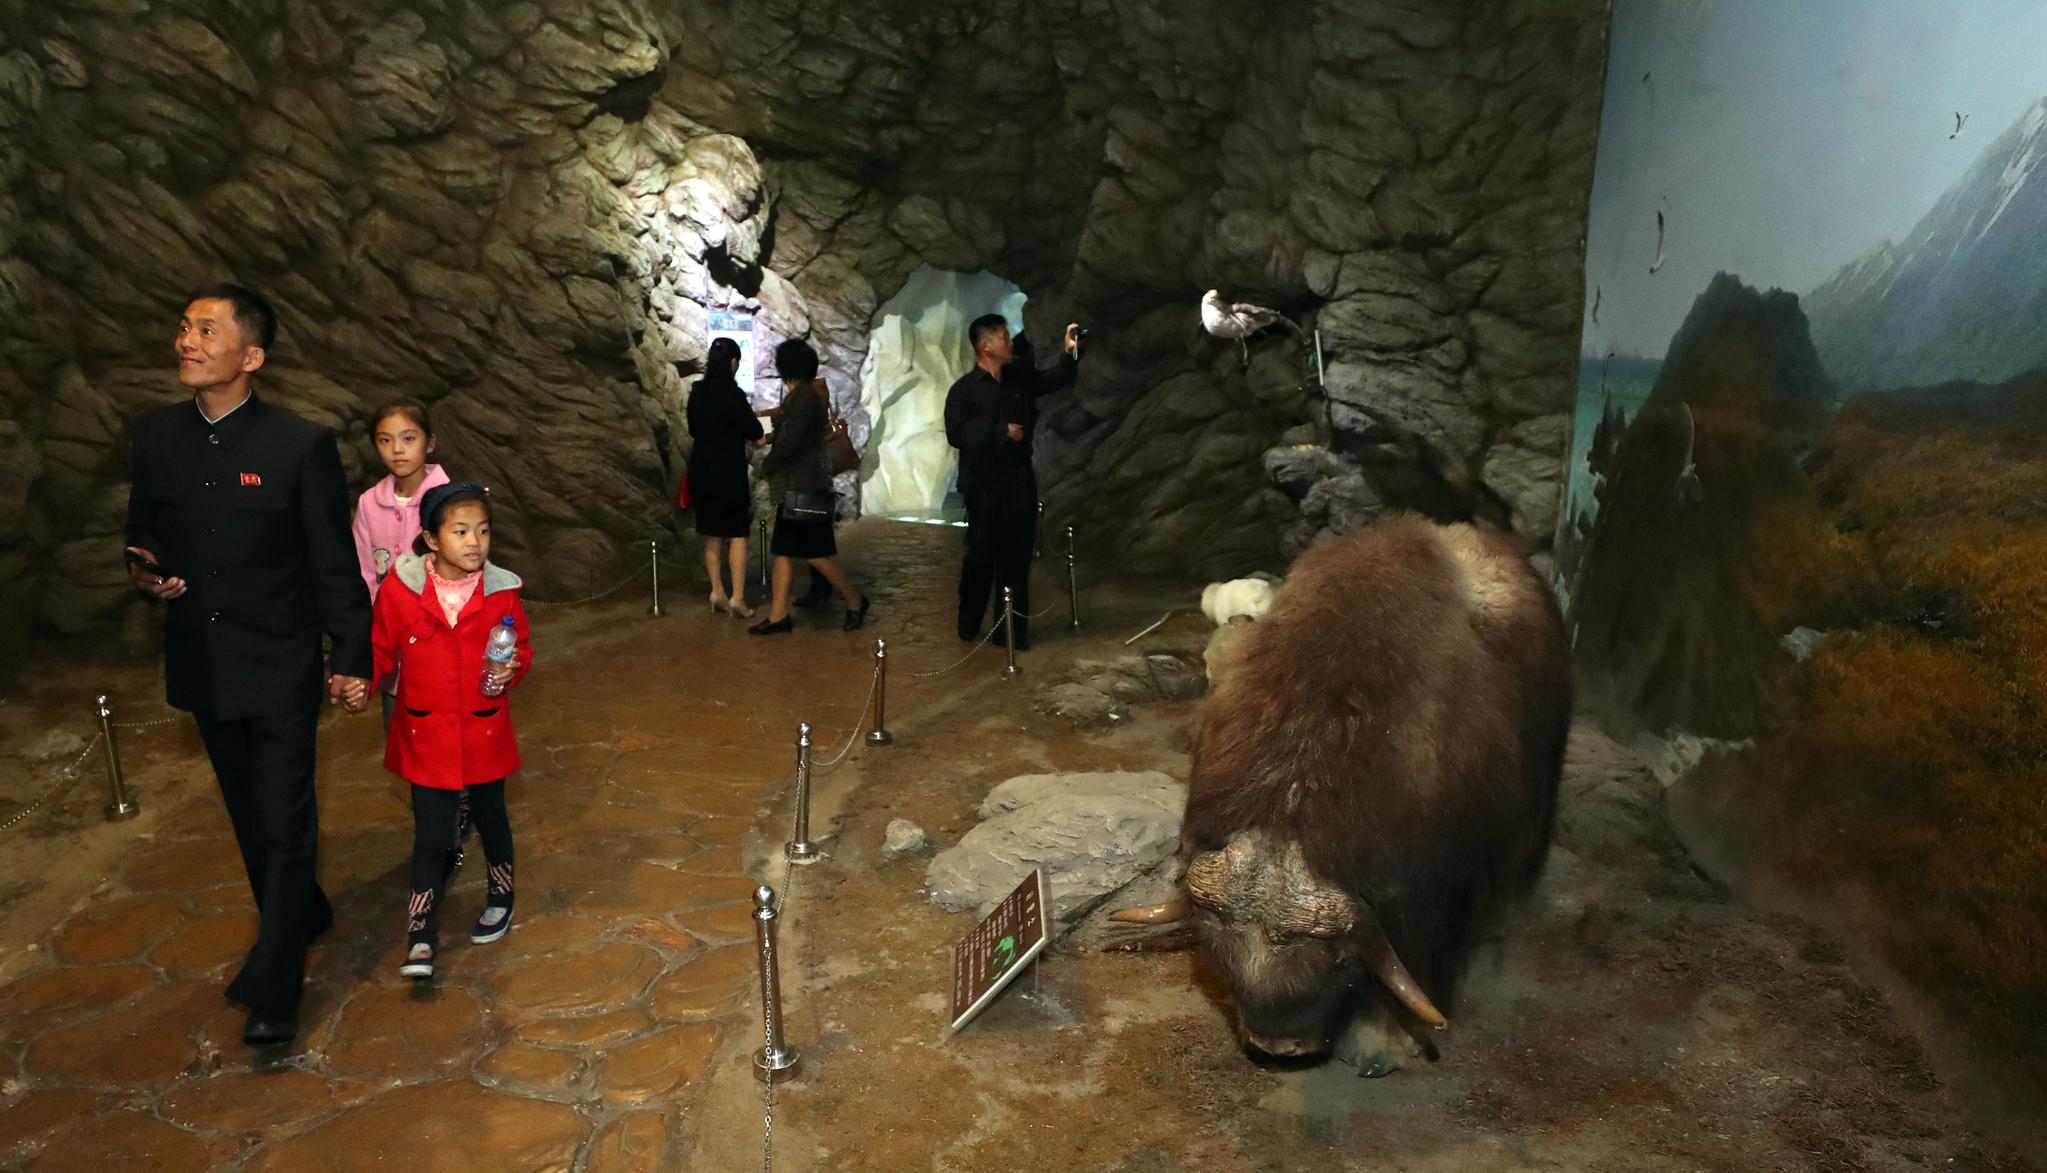 관람객들이 지난 6일 평양 중앙동물원에서 전시물을 살펴보며 즐거운 시간을 보내고 있다. 평양사진공동취재단